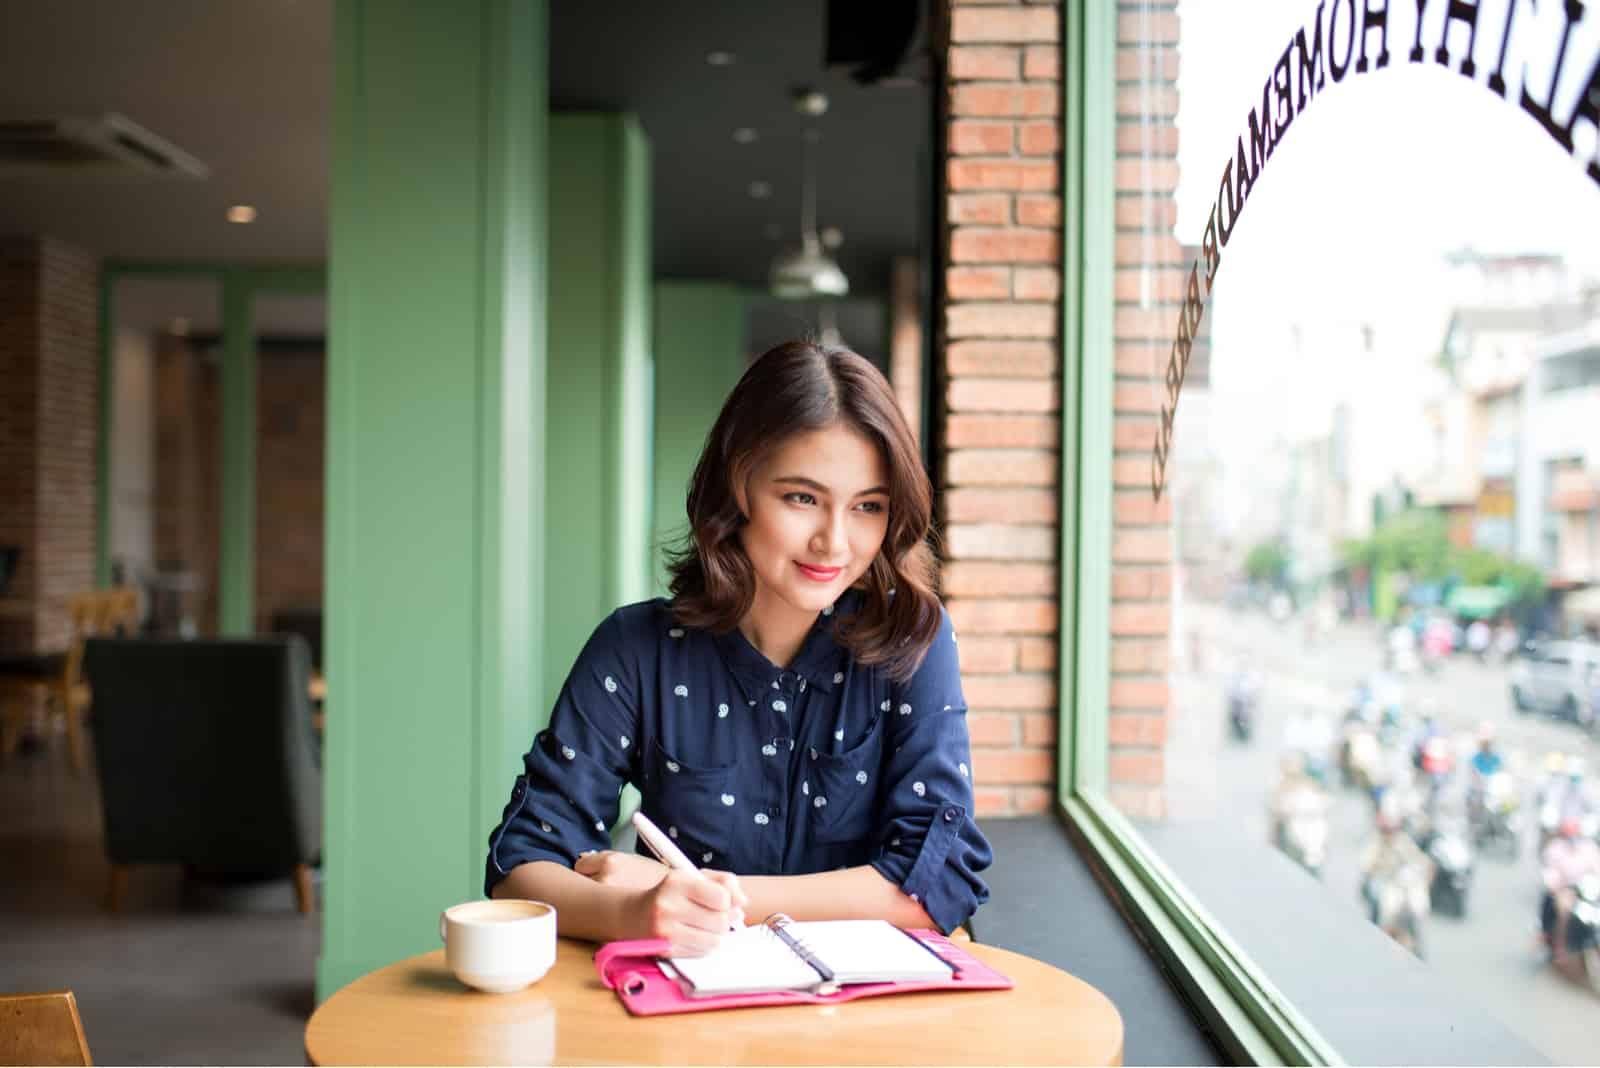 Eine Frau, die mit Kaffee an einem Tisch sitzt, schreibt